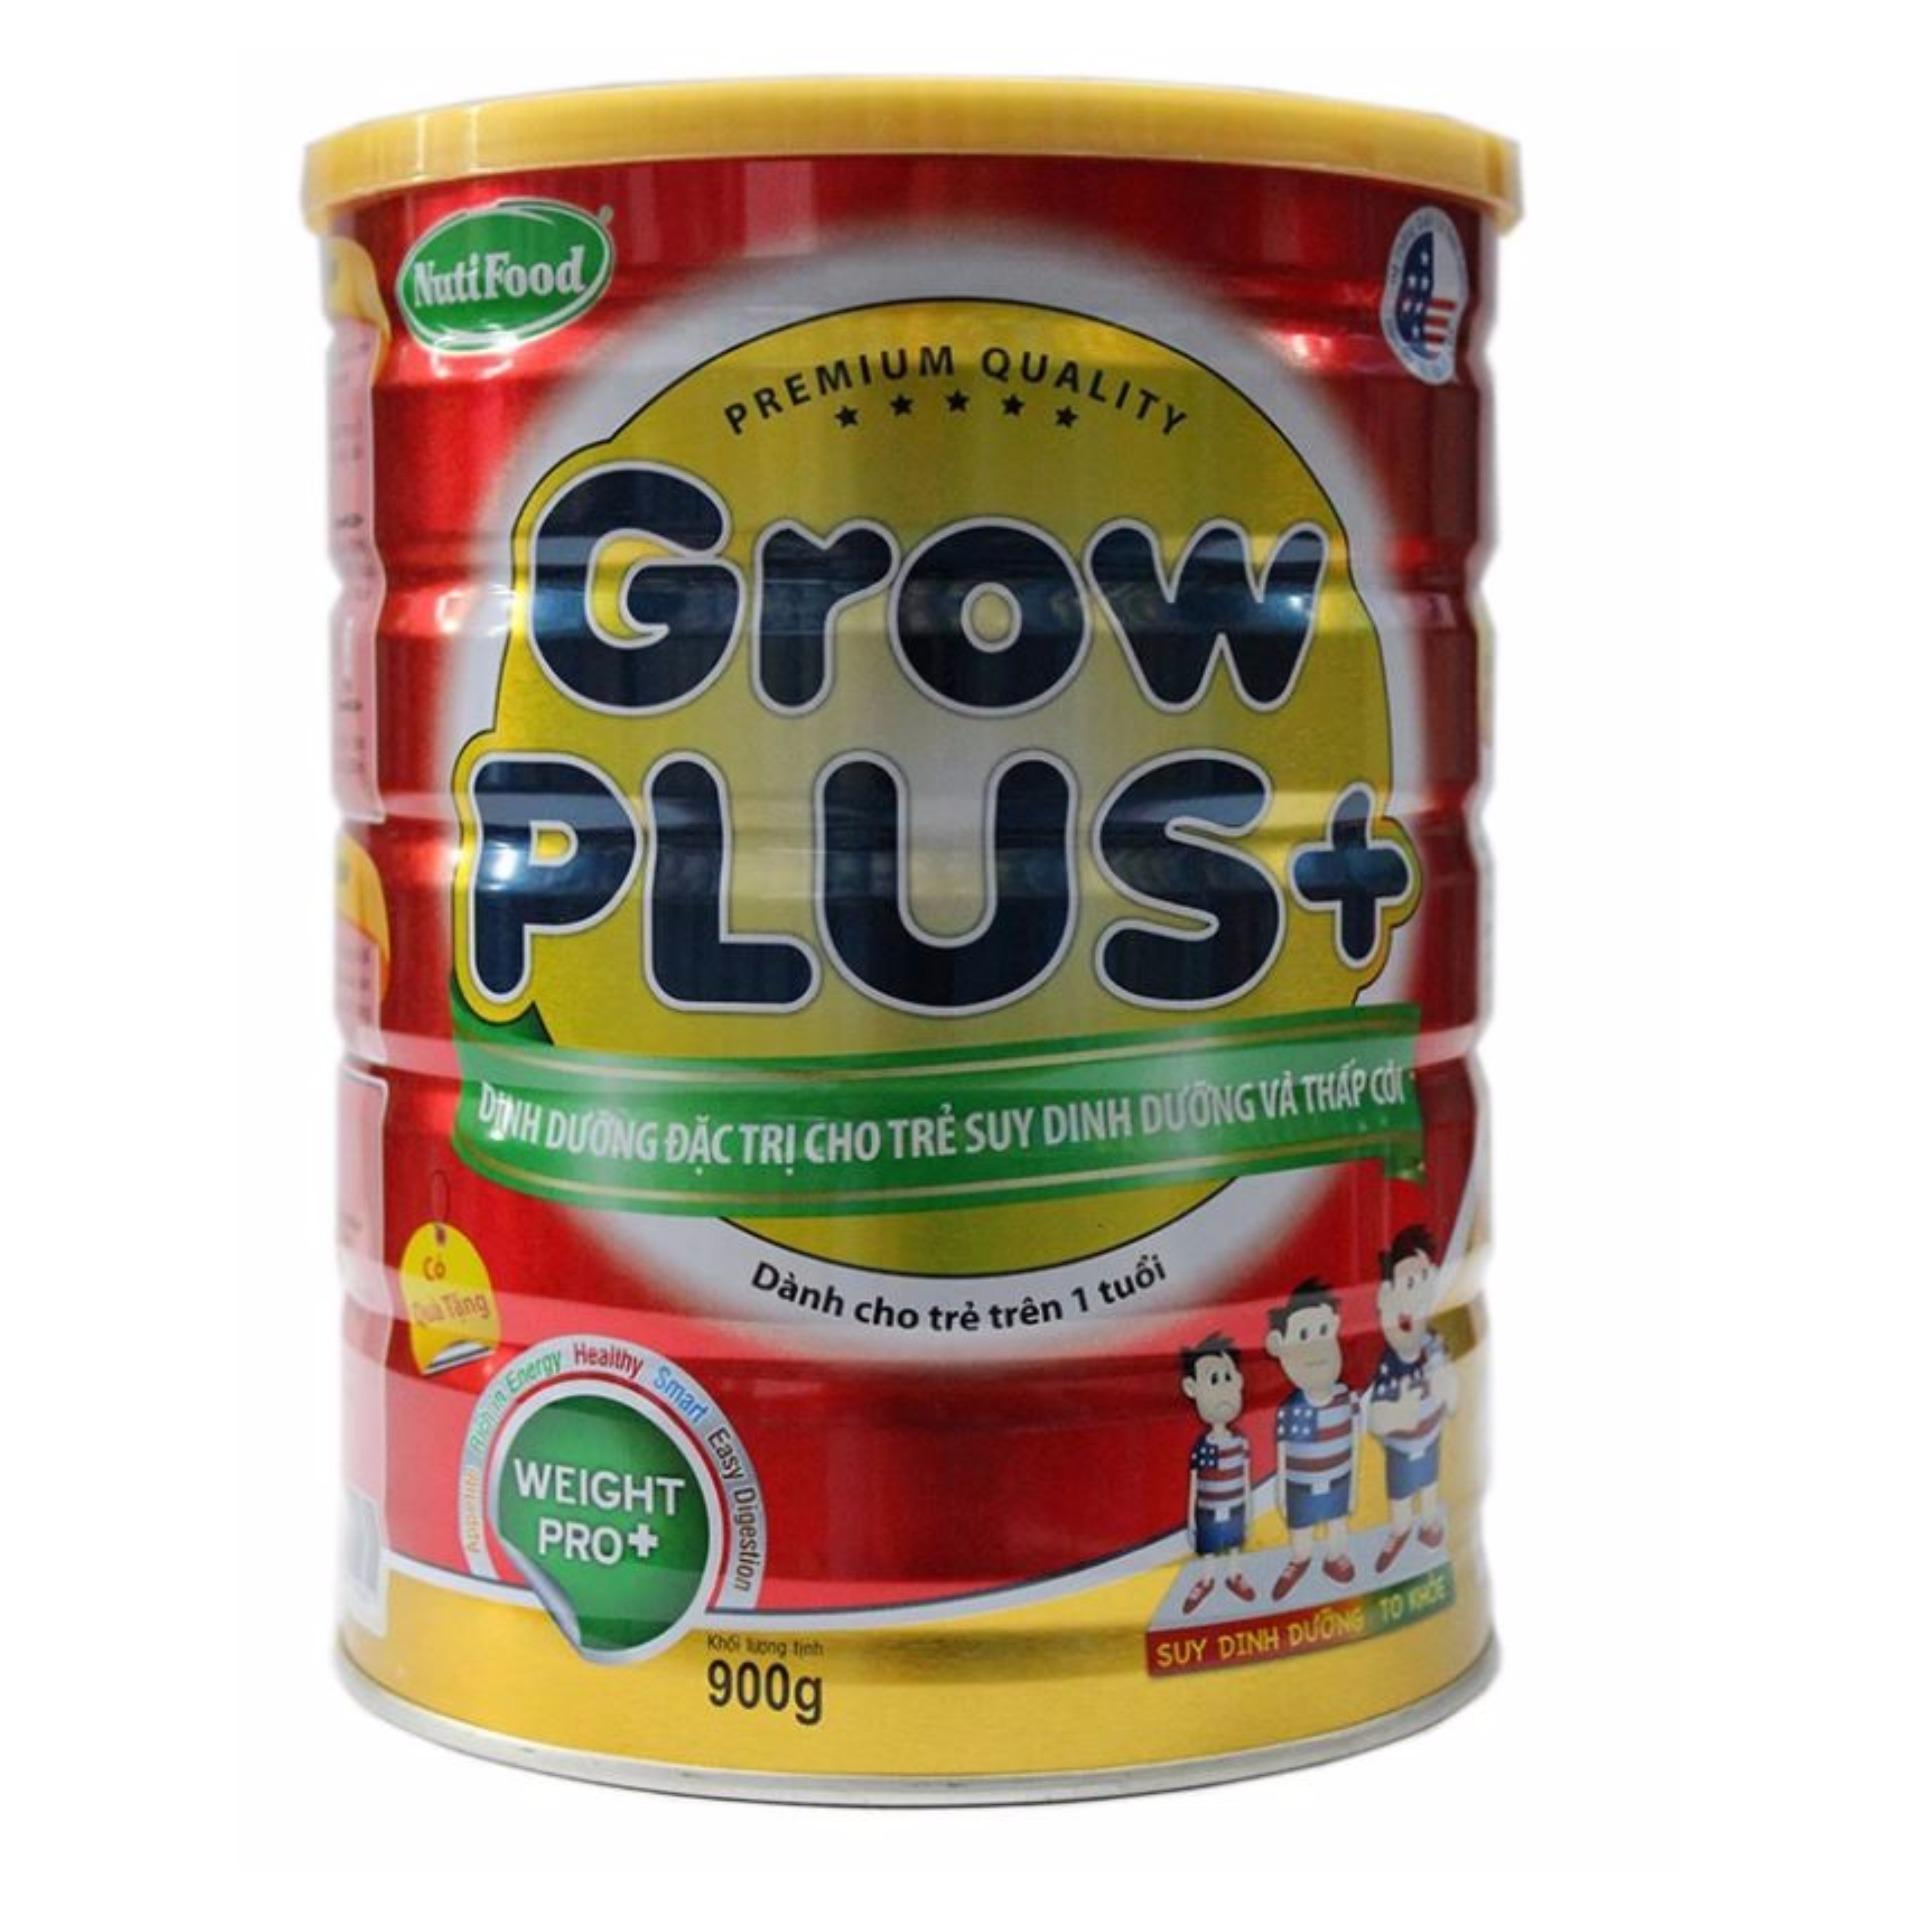 Sữa bột cho trẻ suy dinh dưỡng và thấp còi Nutifood Grow Plus + 900g